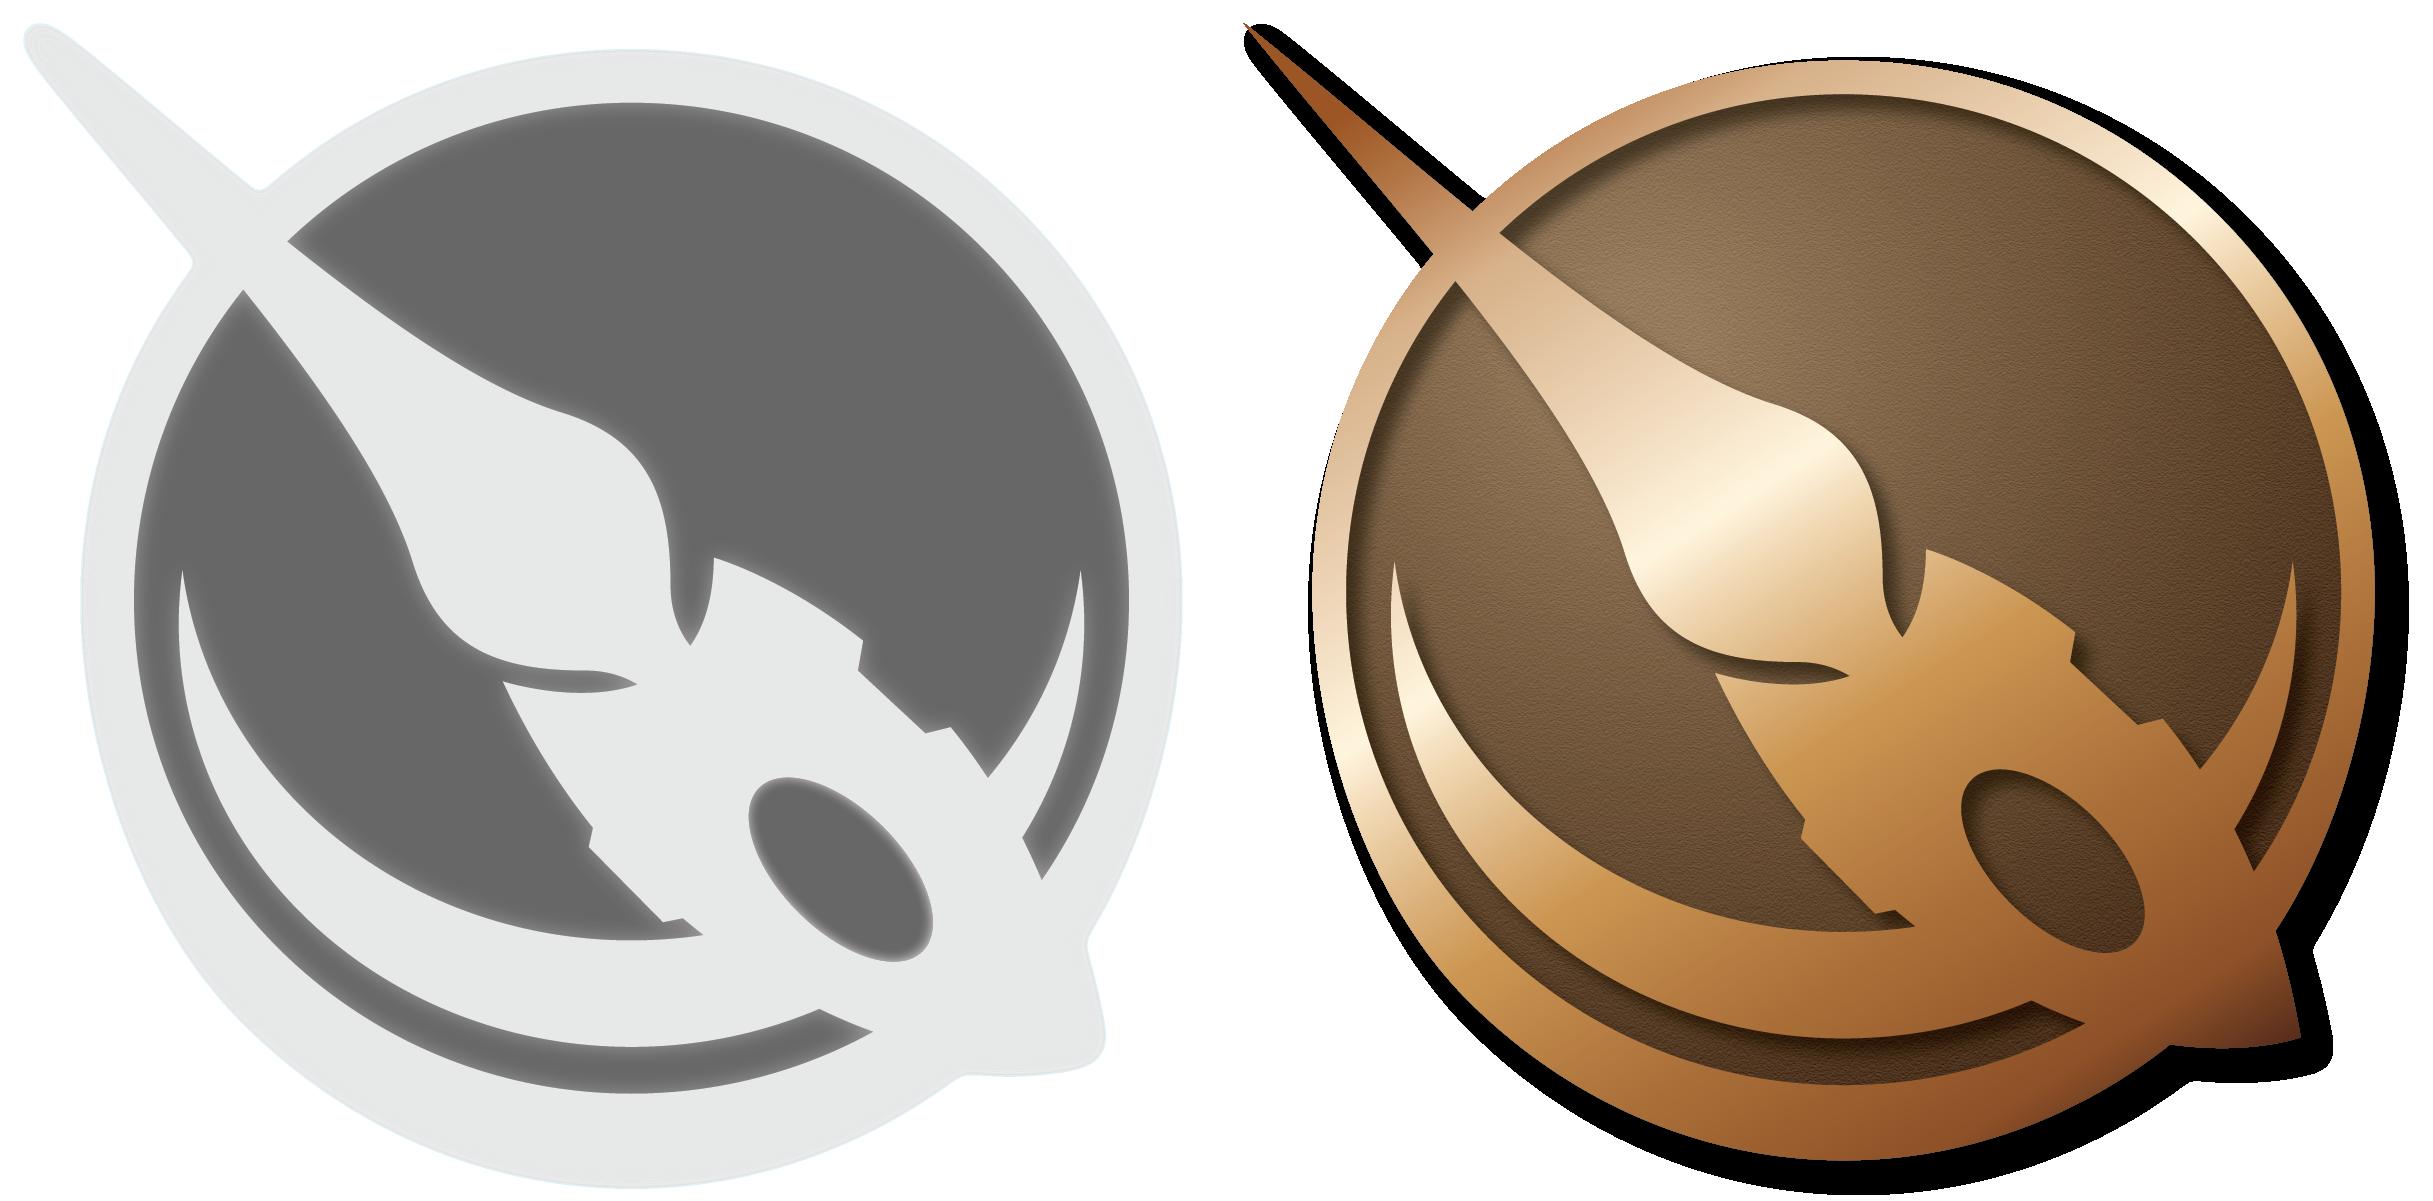 Bronze Blades Badge by Landmine752